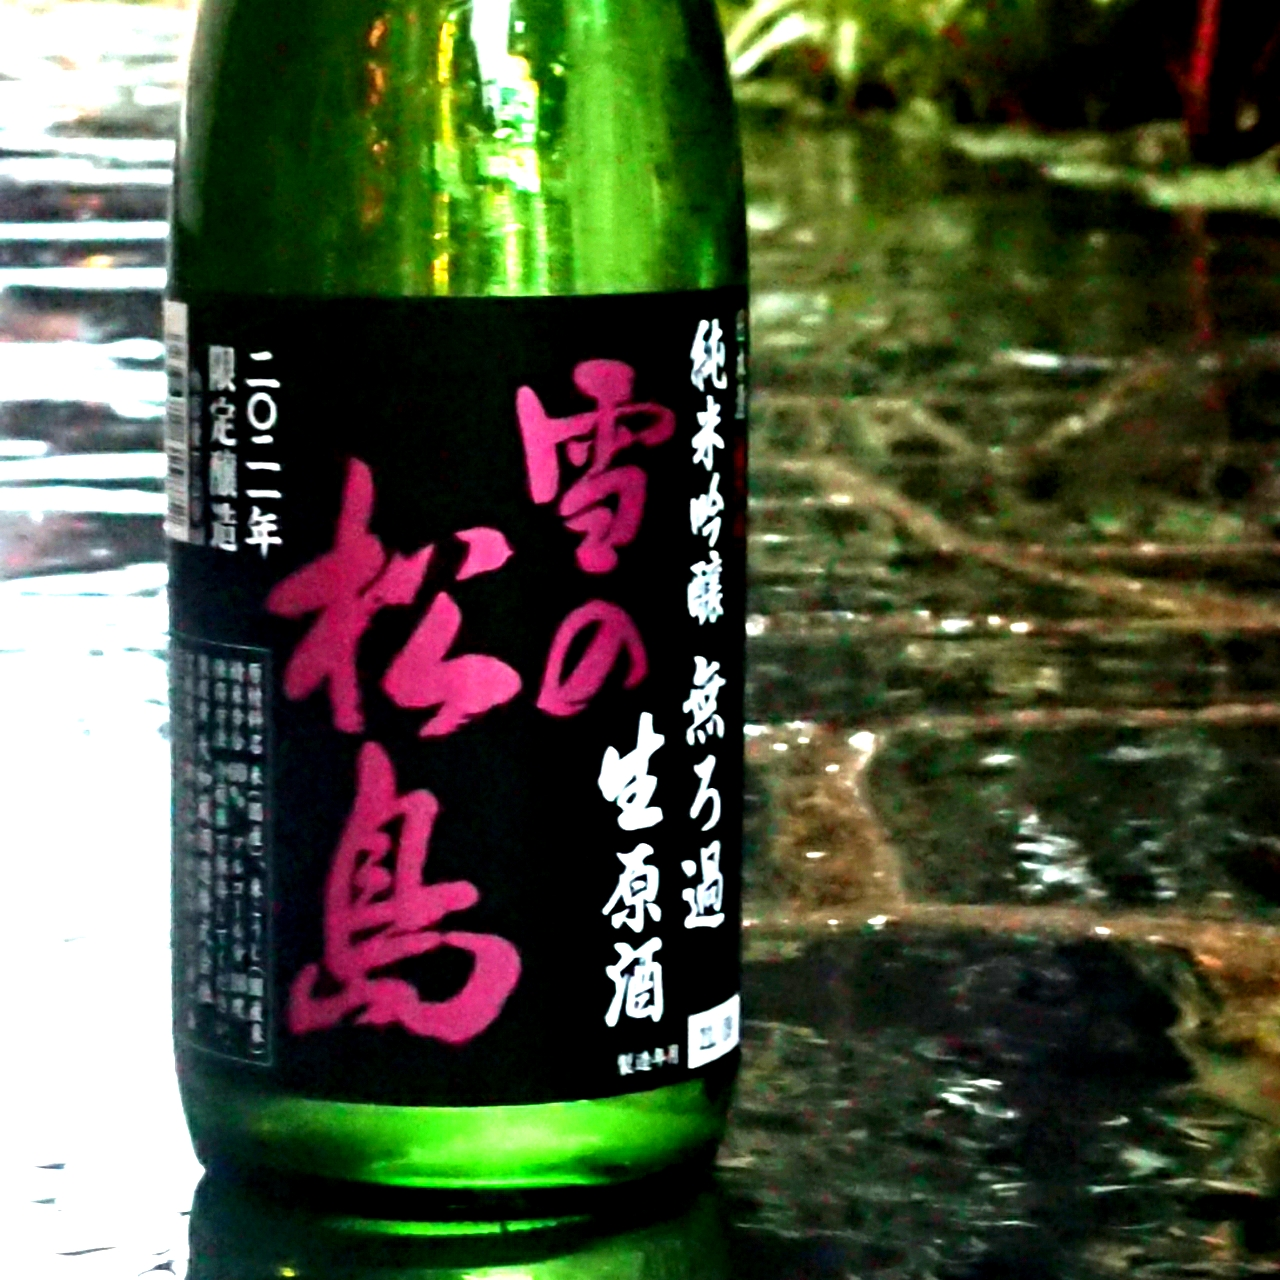 【2021年超限定醸造】雪の松島 純米吟醸無濾過生原酒~10月1日解禁!秋の新酒。目覚める旨さ、実はこの時期にはとっても貴重な「新酒」です( *´艸`)